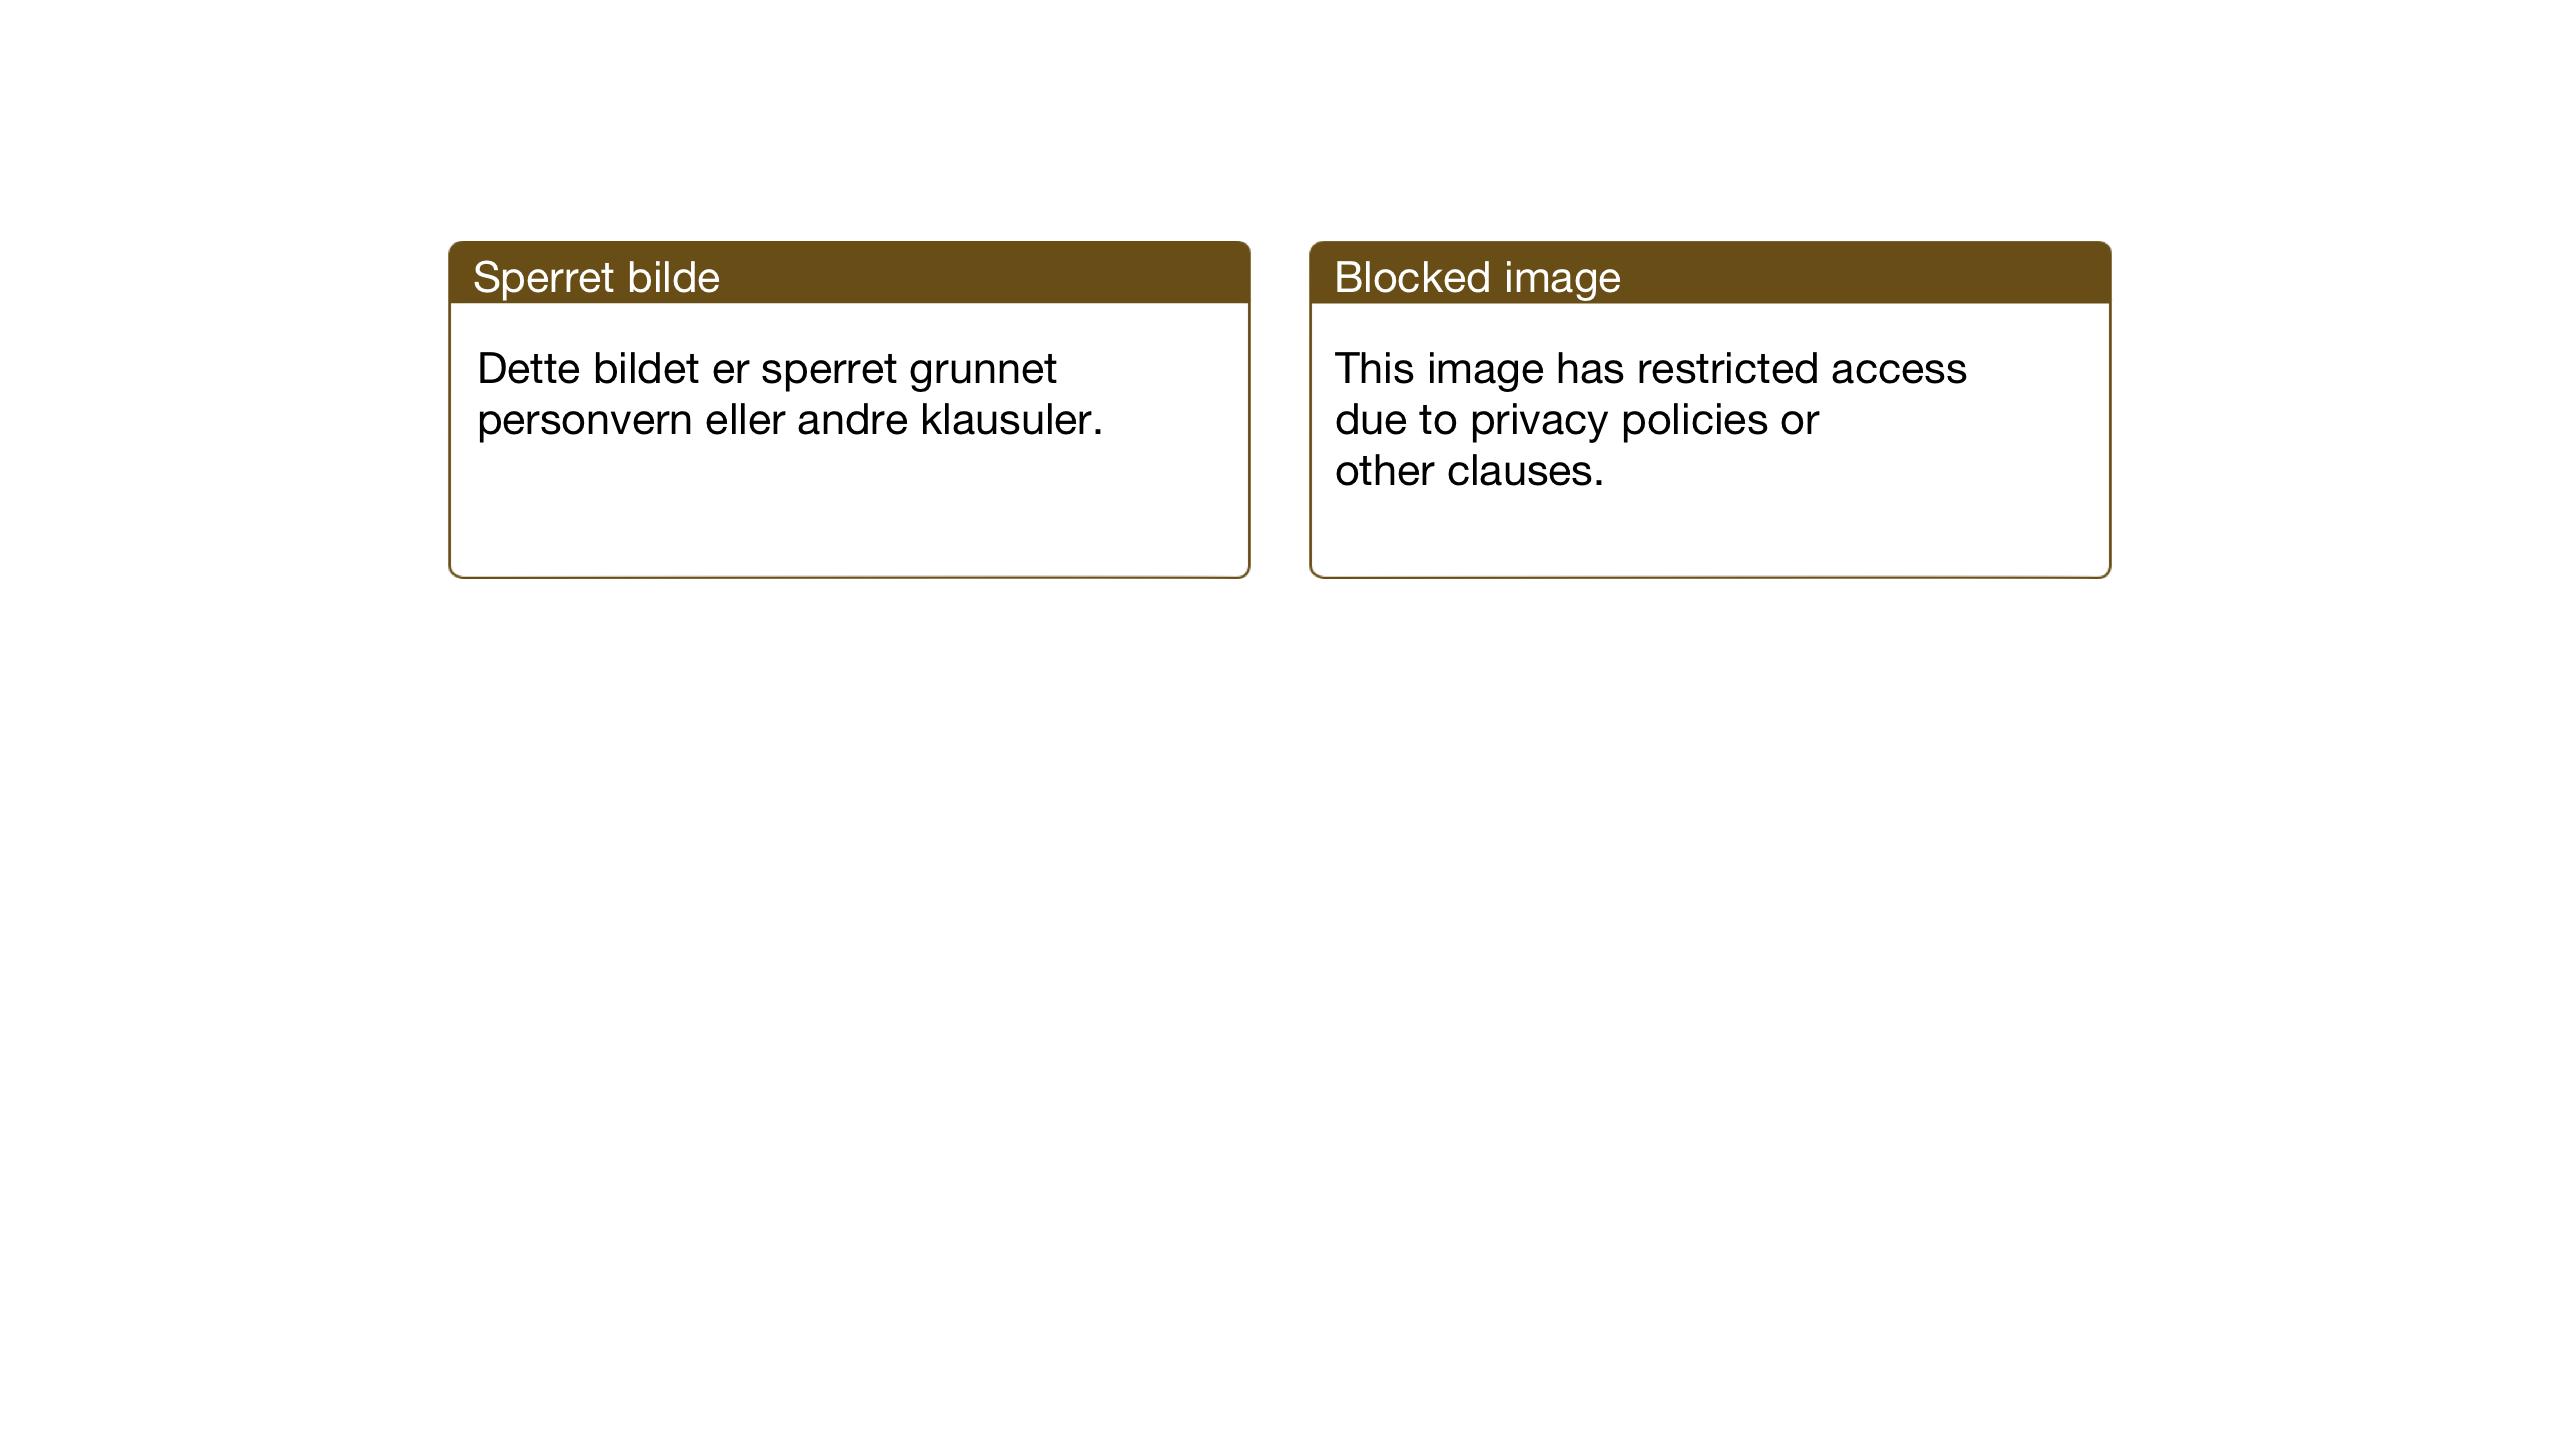 SAT, Ministerialprotokoller, klokkerbøker og fødselsregistre - Nord-Trøndelag, 773/L0625: Klokkerbok nr. 773C01, 1910-1952, s. 105